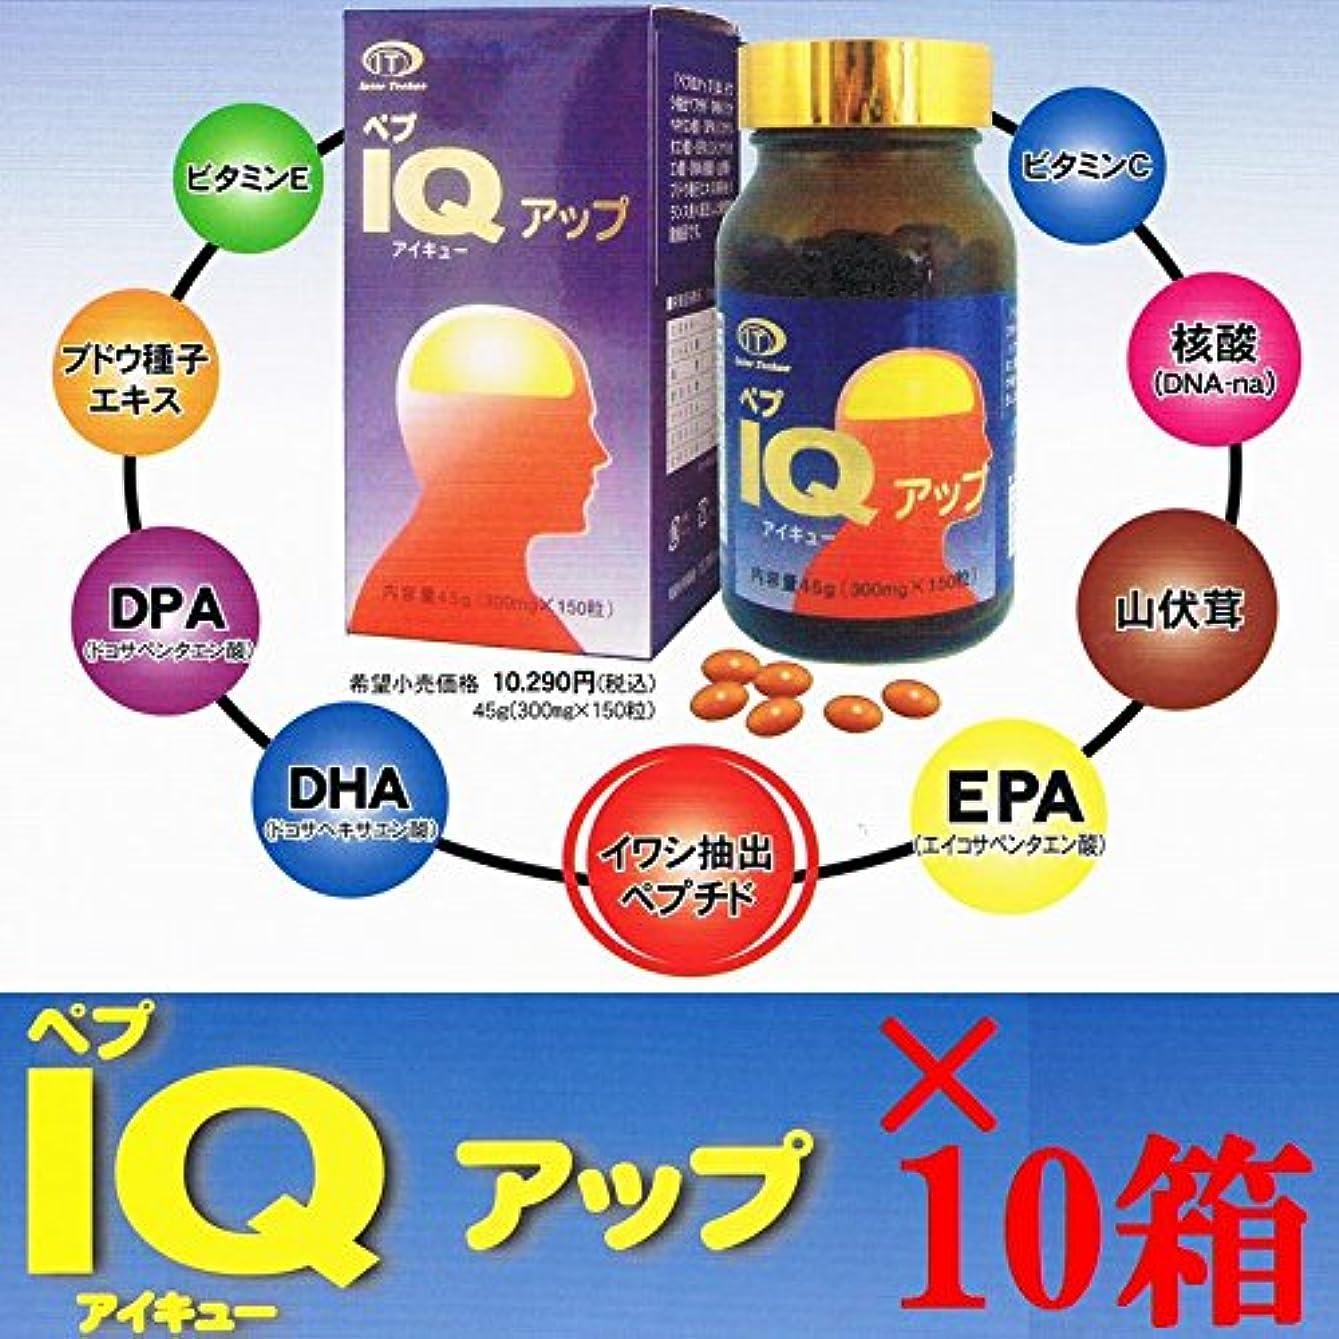 俳句討論起こるペプIQアップ 150粒 ×超お得10箱セット 《記憶?思考、DHA、EPA》